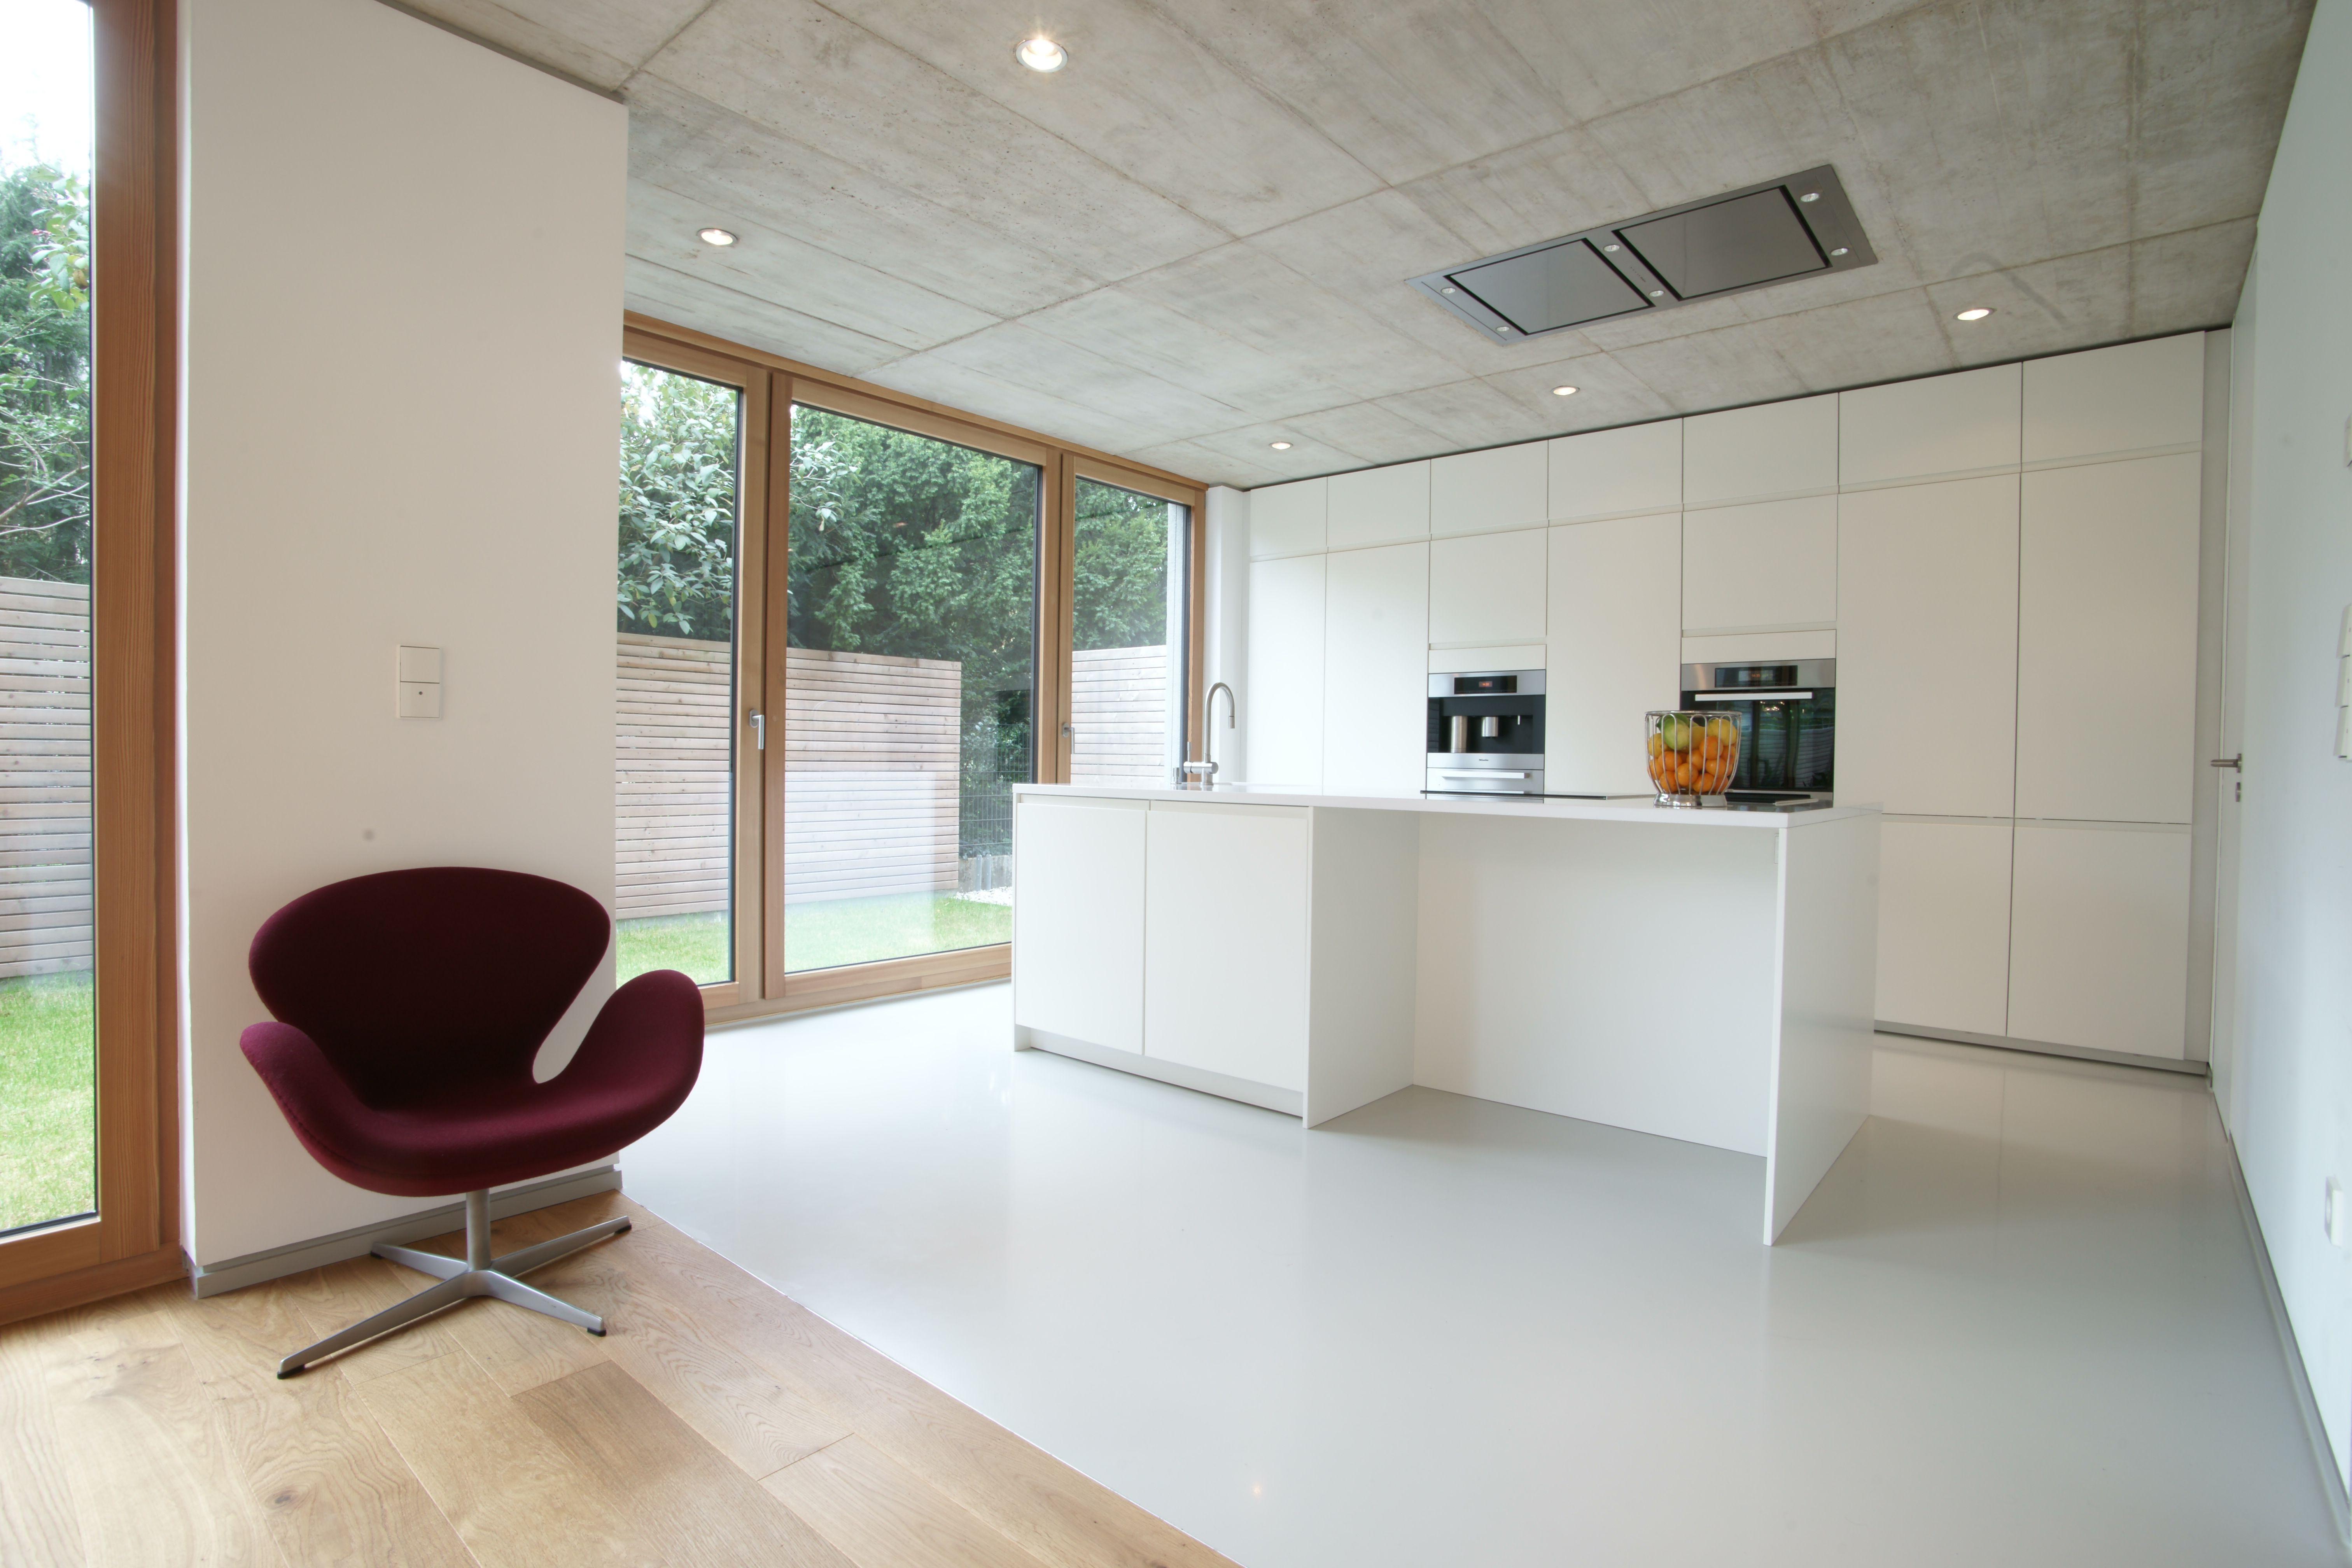 2 Doppelhaushalften R141 Dinslaken Matthias Stickel Architektur Kuche Wohnen Architektur Einrichten Und Wohnen